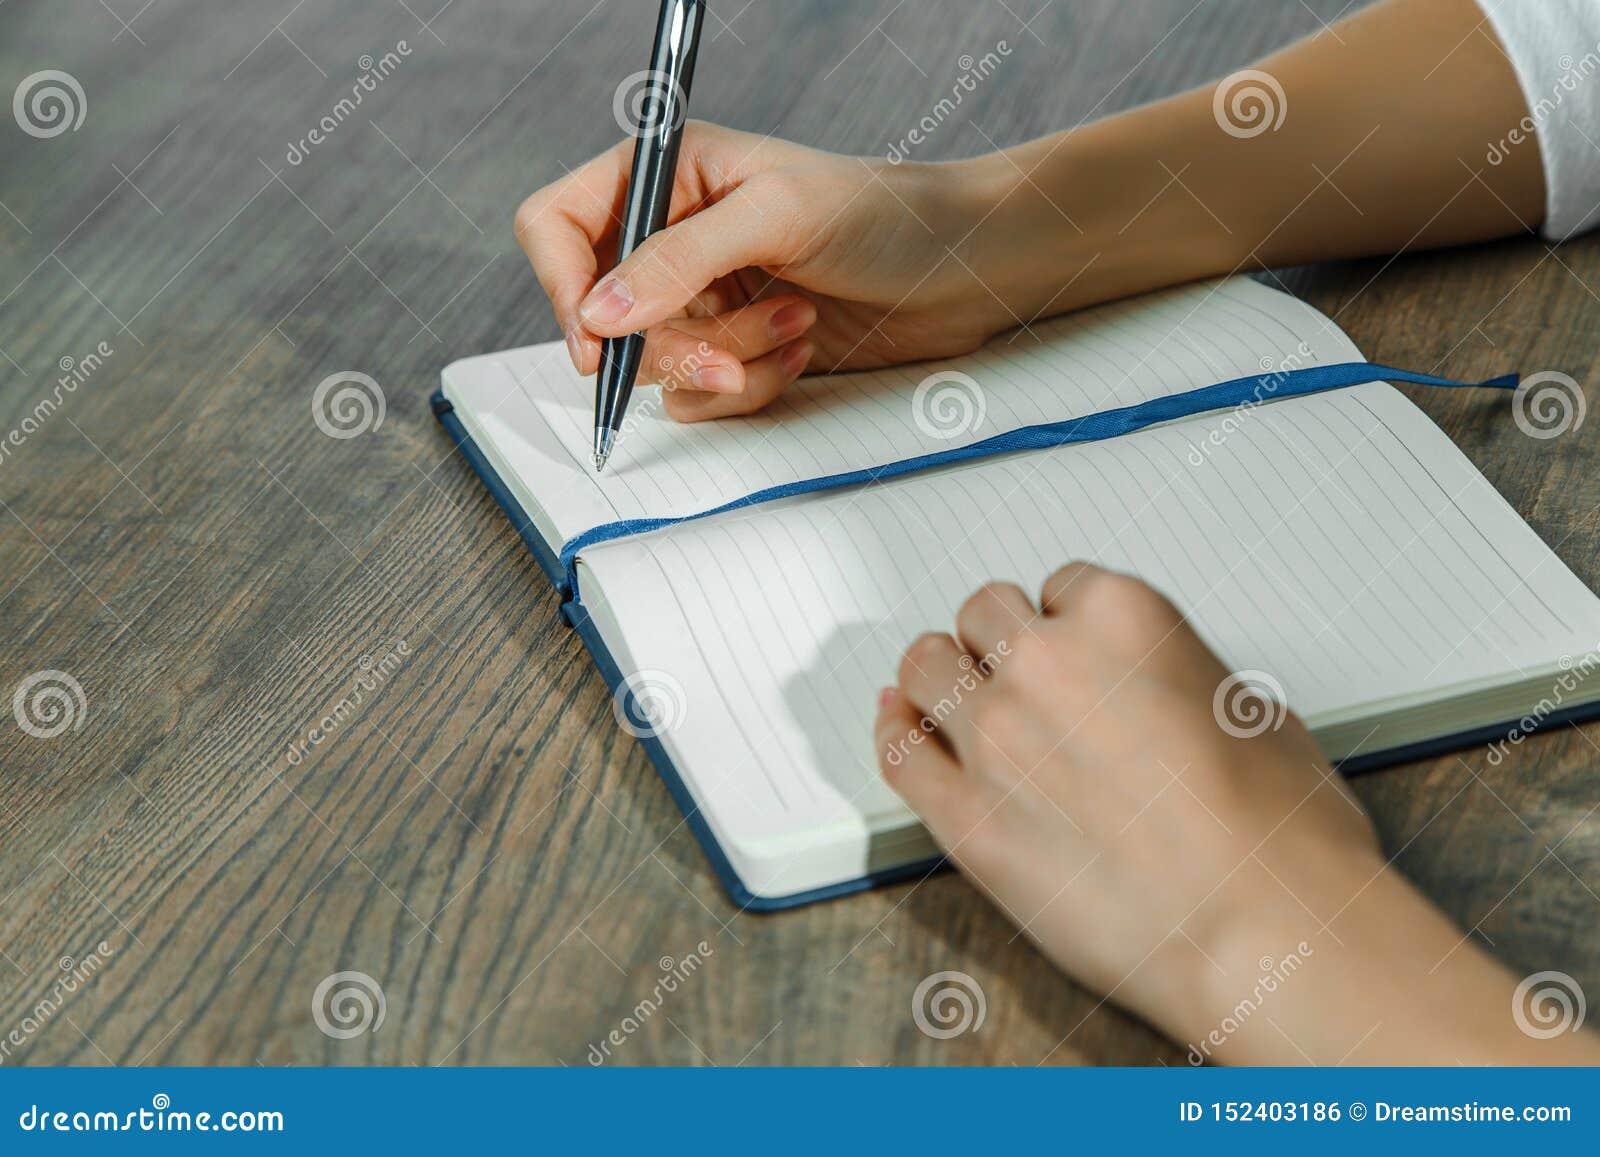 Le mani femminili stanno scrivendo in un taccuino